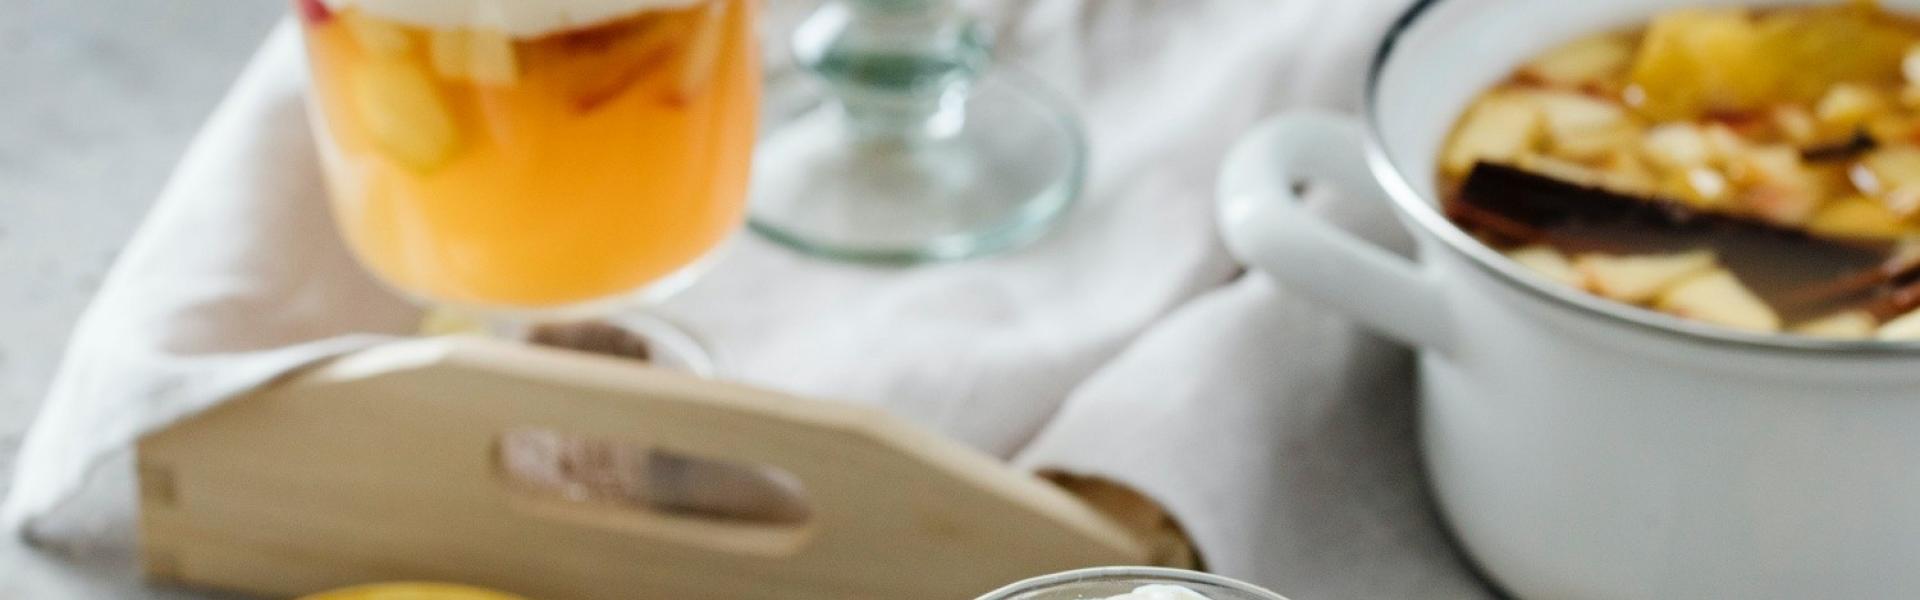 Apfelpunsch mit Eierlikörsahne in Glas